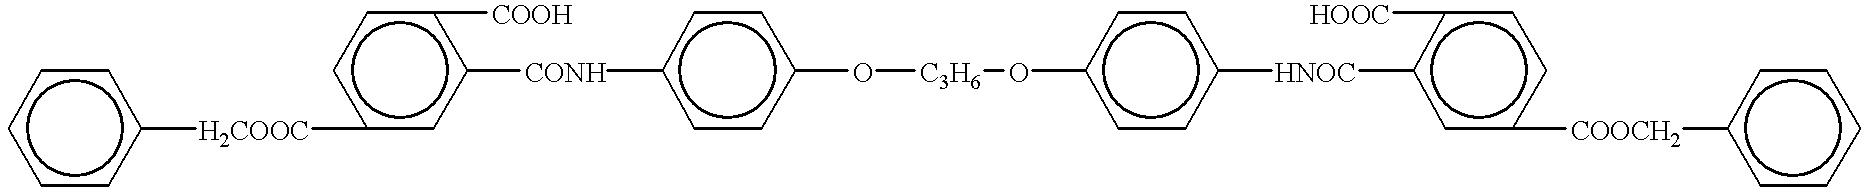 Figure US06180560-20010130-C00744